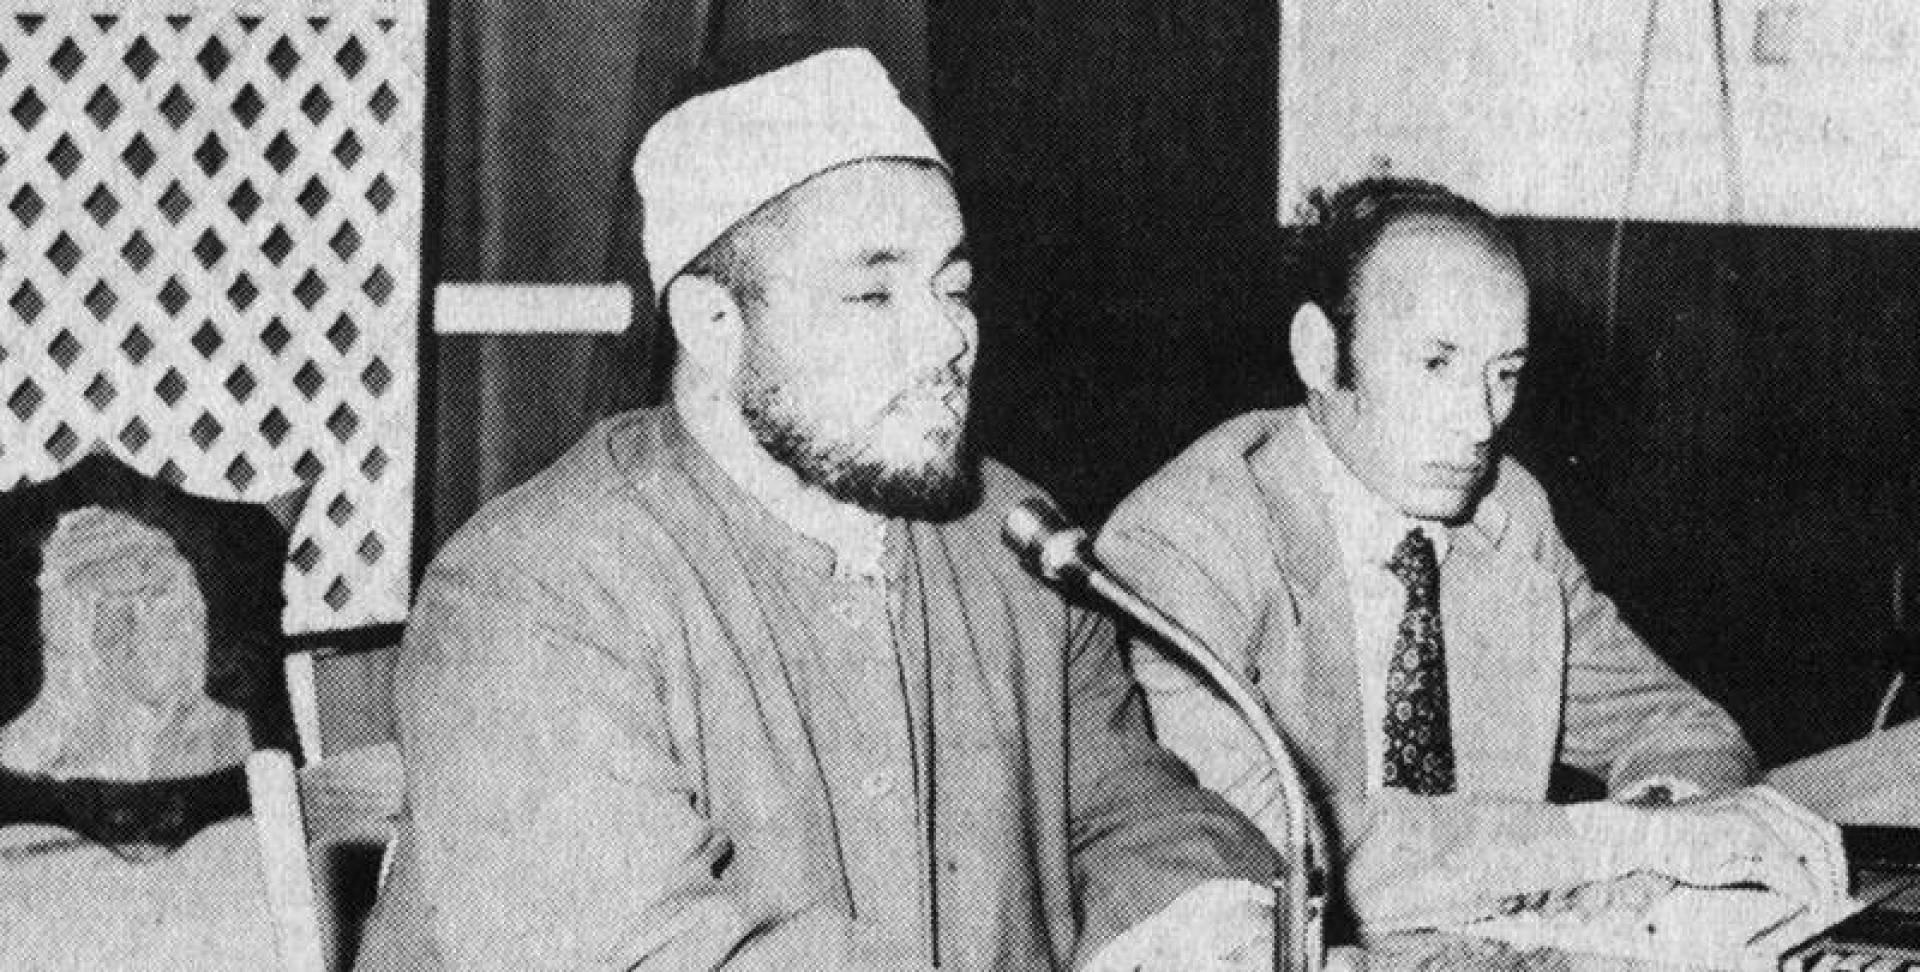 سعد المرصفي الواعظ بوزارة العدل والأوقاف والشؤون الإسلامية.. أرشيفية